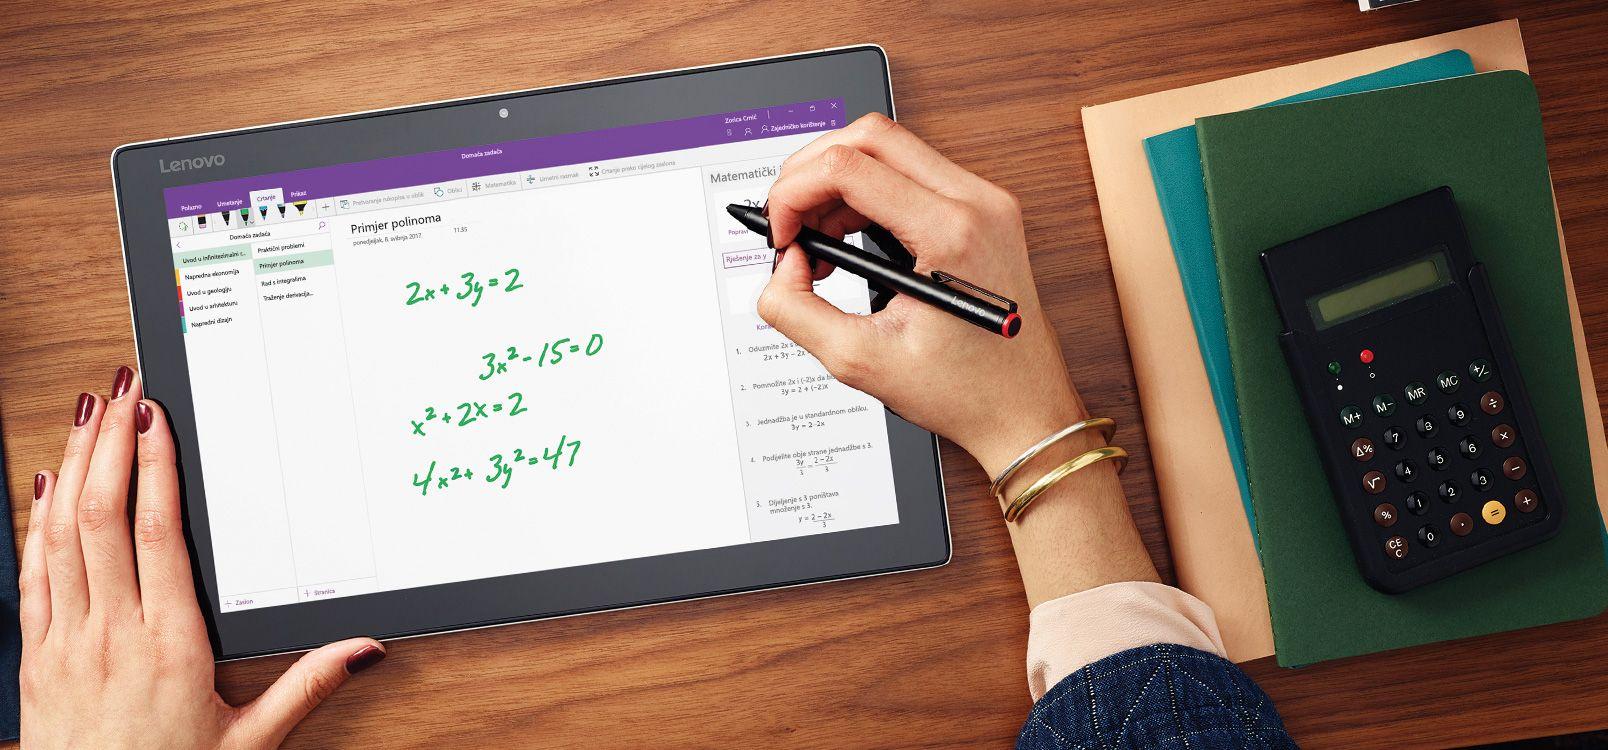 Zaslon tableta s prikazom programa OneNote u kojem se koristi značajka pomoćnika za rukopisne matematičke izraze